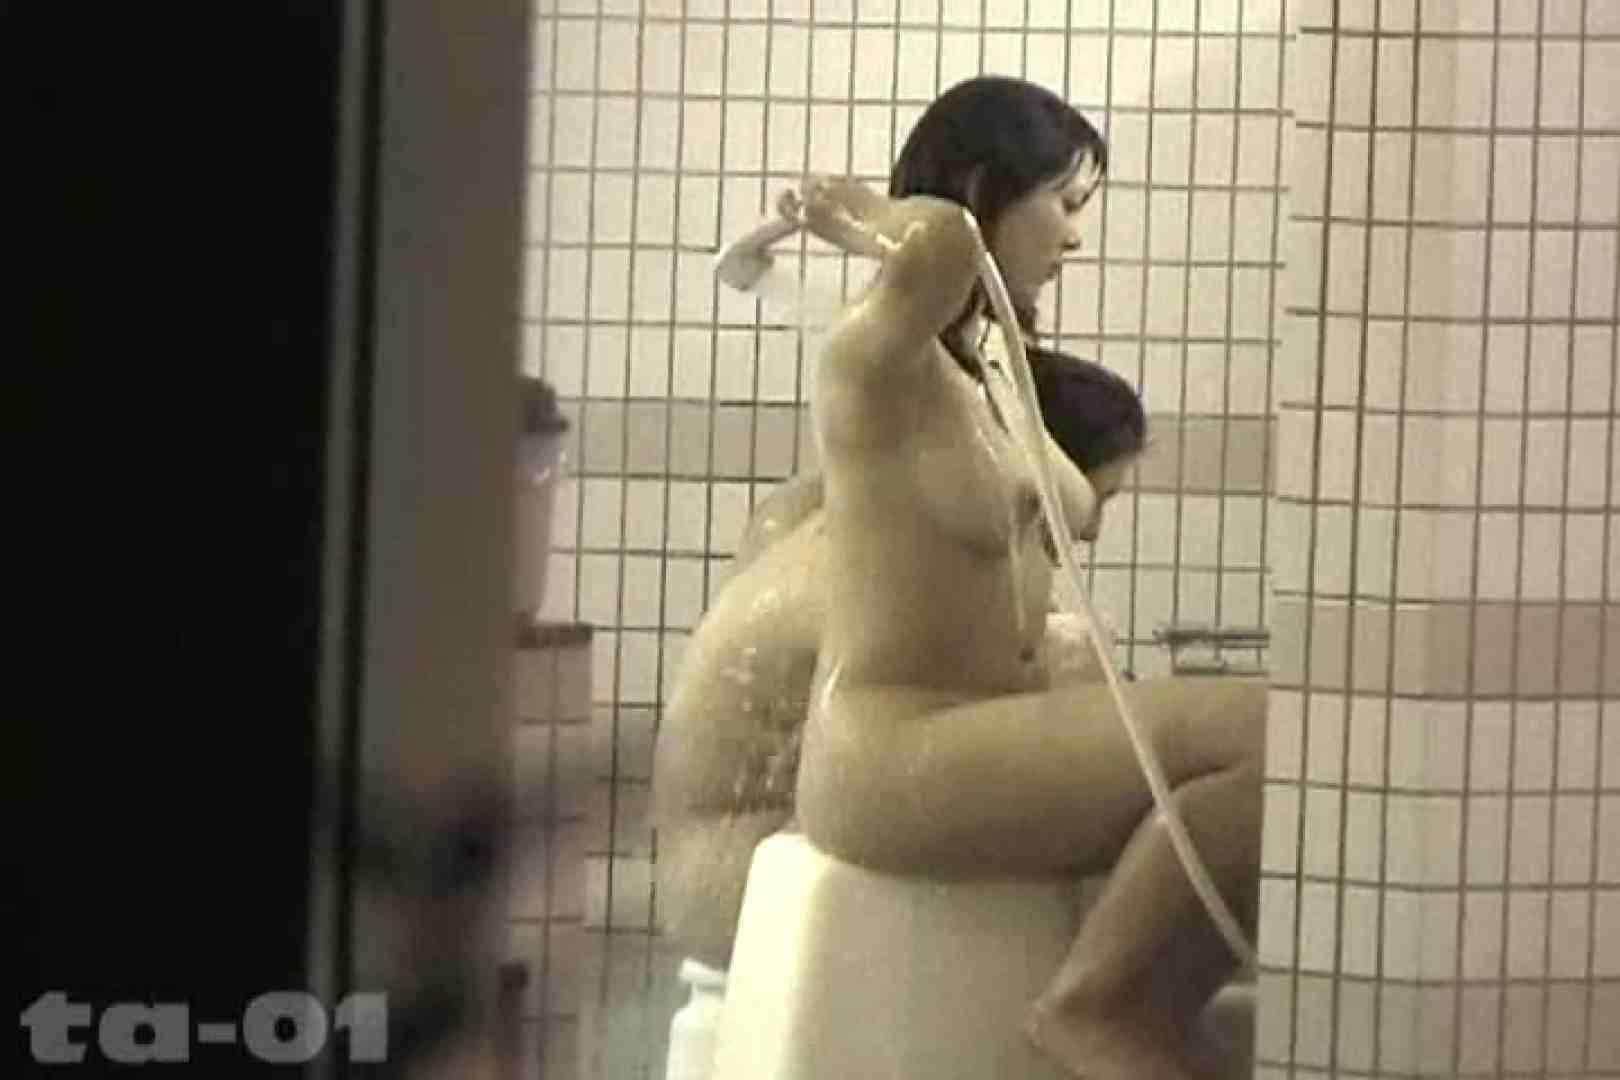 合宿ホテル女風呂盗撮高画質版 Vol.01 高画質 盗み撮り動画キャプチャ 98pic 74